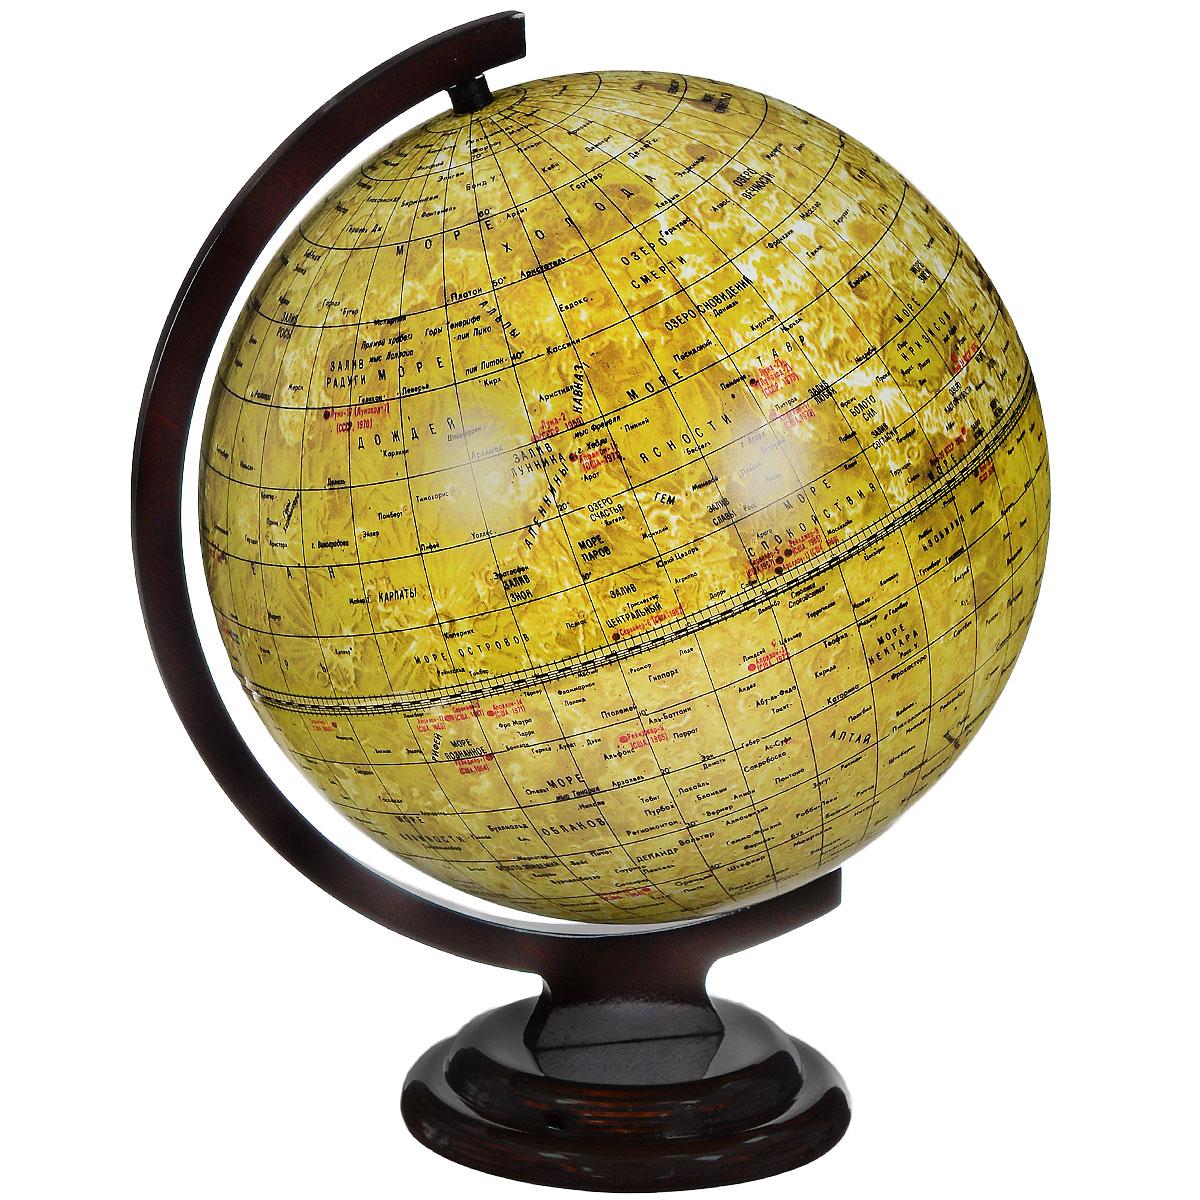 Глобусный мир Глобус Луны, диаметр 32 см10081Глобус Луны Глобусный мир, изготовлен из высококачественного прочного пластика. Данная модель предназначена для ознакомления с географией лунной поверхности. На глобусе указаны названия лунных морей, крупных и средних кратеров, возвышенностей, места посадки космических аппаратов. Такой глобус станет прекрасным подарком и учебным материалом для дальнейшего изучения астрономии. Изделие расположено на деревянной подставке. Настольный глобус Луны Глобусный мир станет оригинальным украшением рабочего стола или вашего кабинета. Это изысканная вещь для стильного интерьера, которая станет прекрасным подарком для современного преуспевающего человека, следующего последним тенденциям моды и стремящегося к элегантности и комфорту в каждой детали. Масштаб: 1:40 000 000.